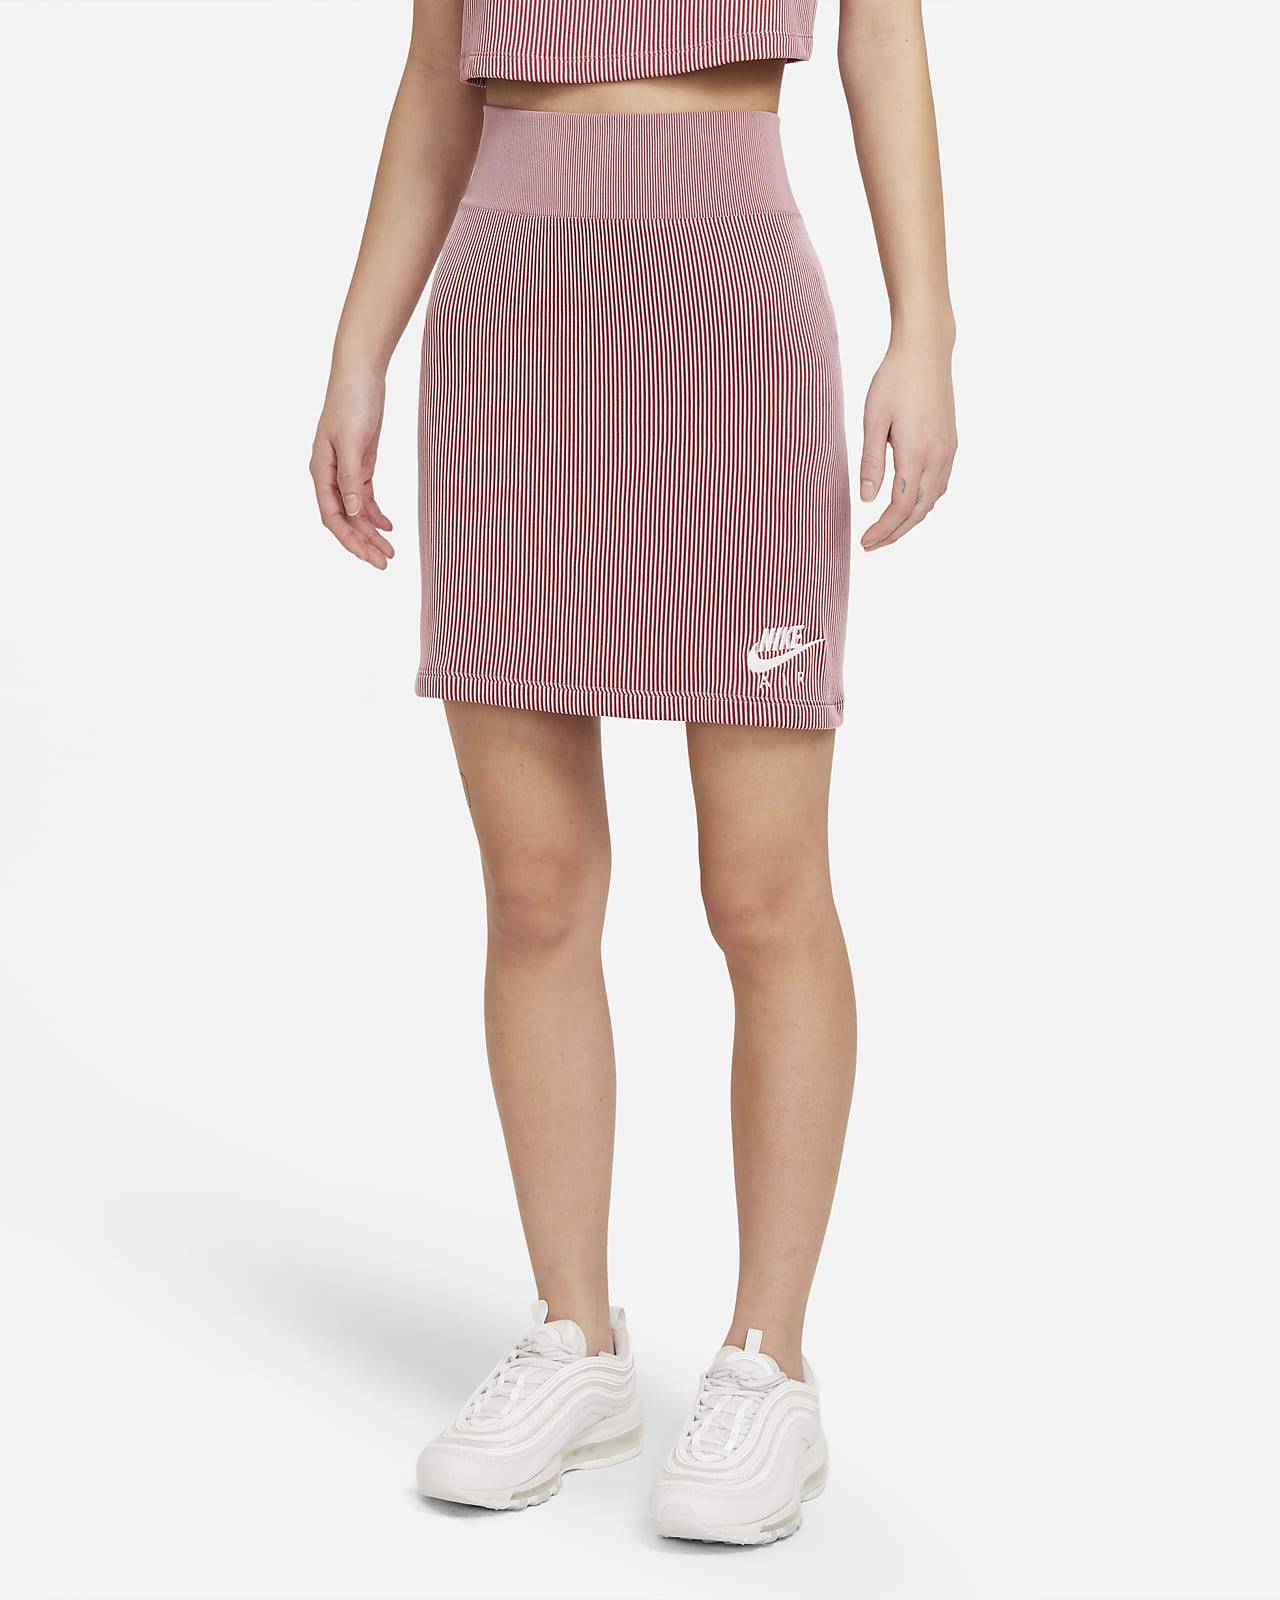 Nike Air Women's Skirt